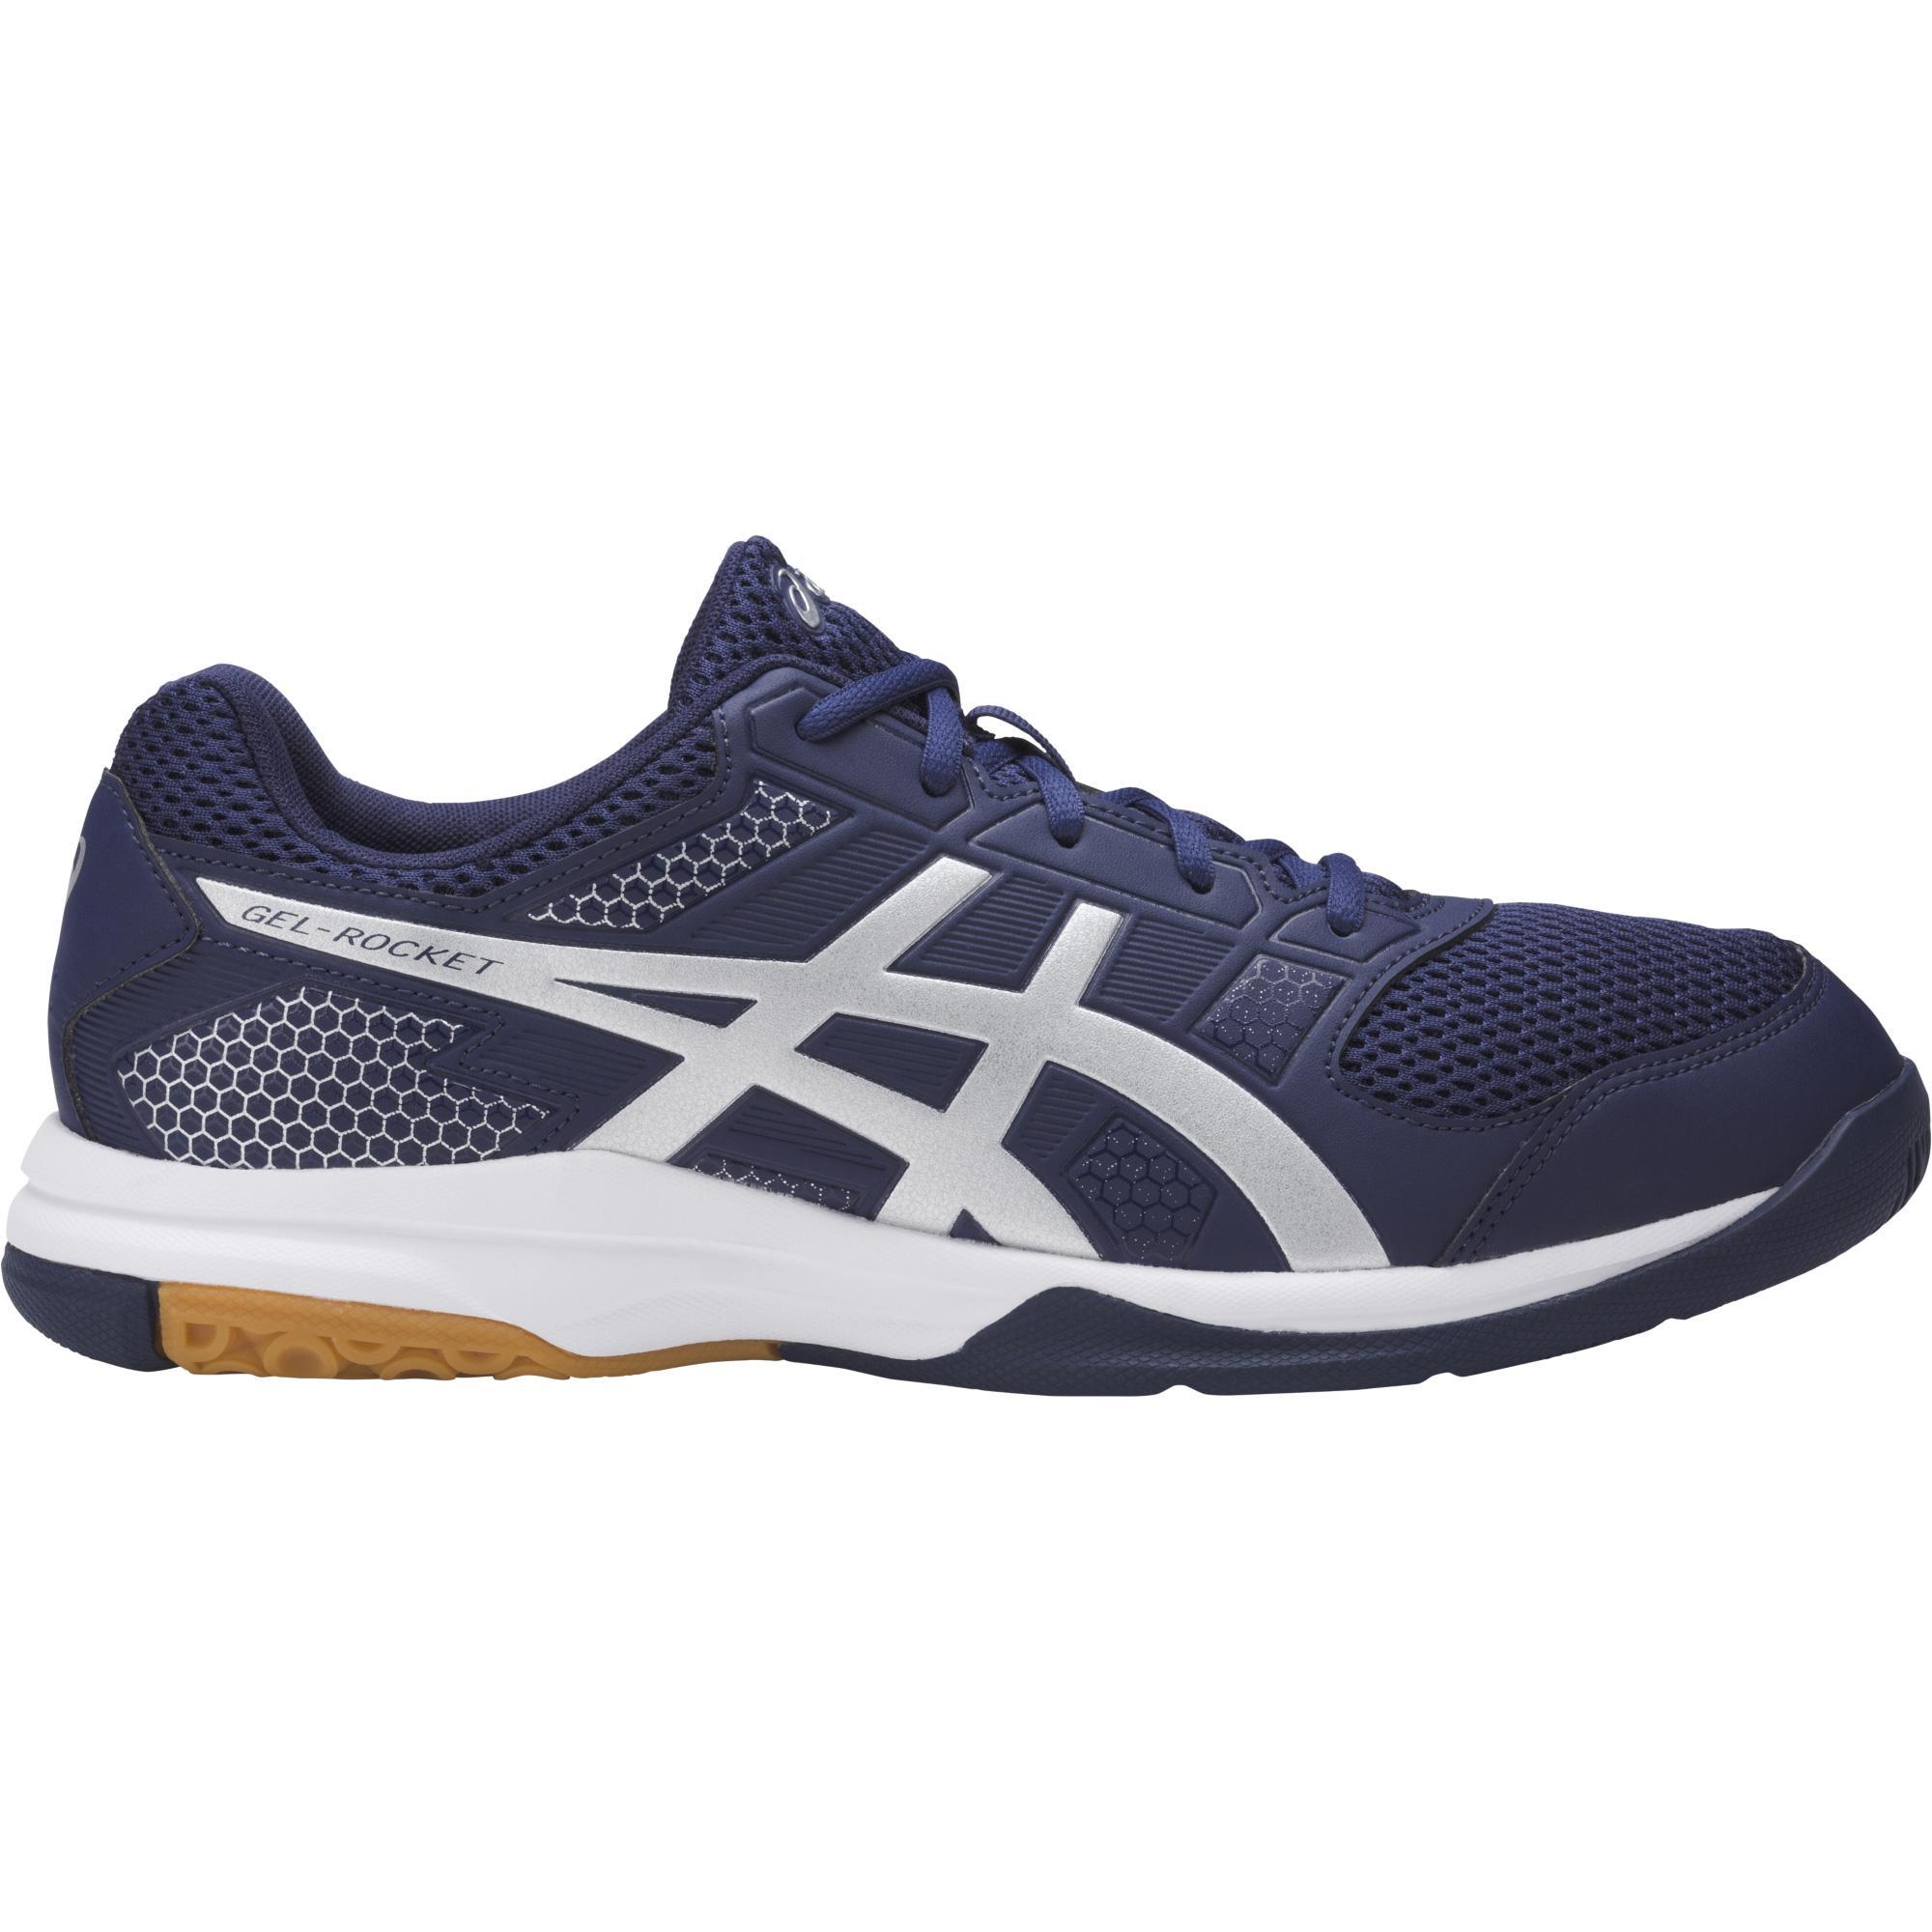 Asics Court Shoes Uk